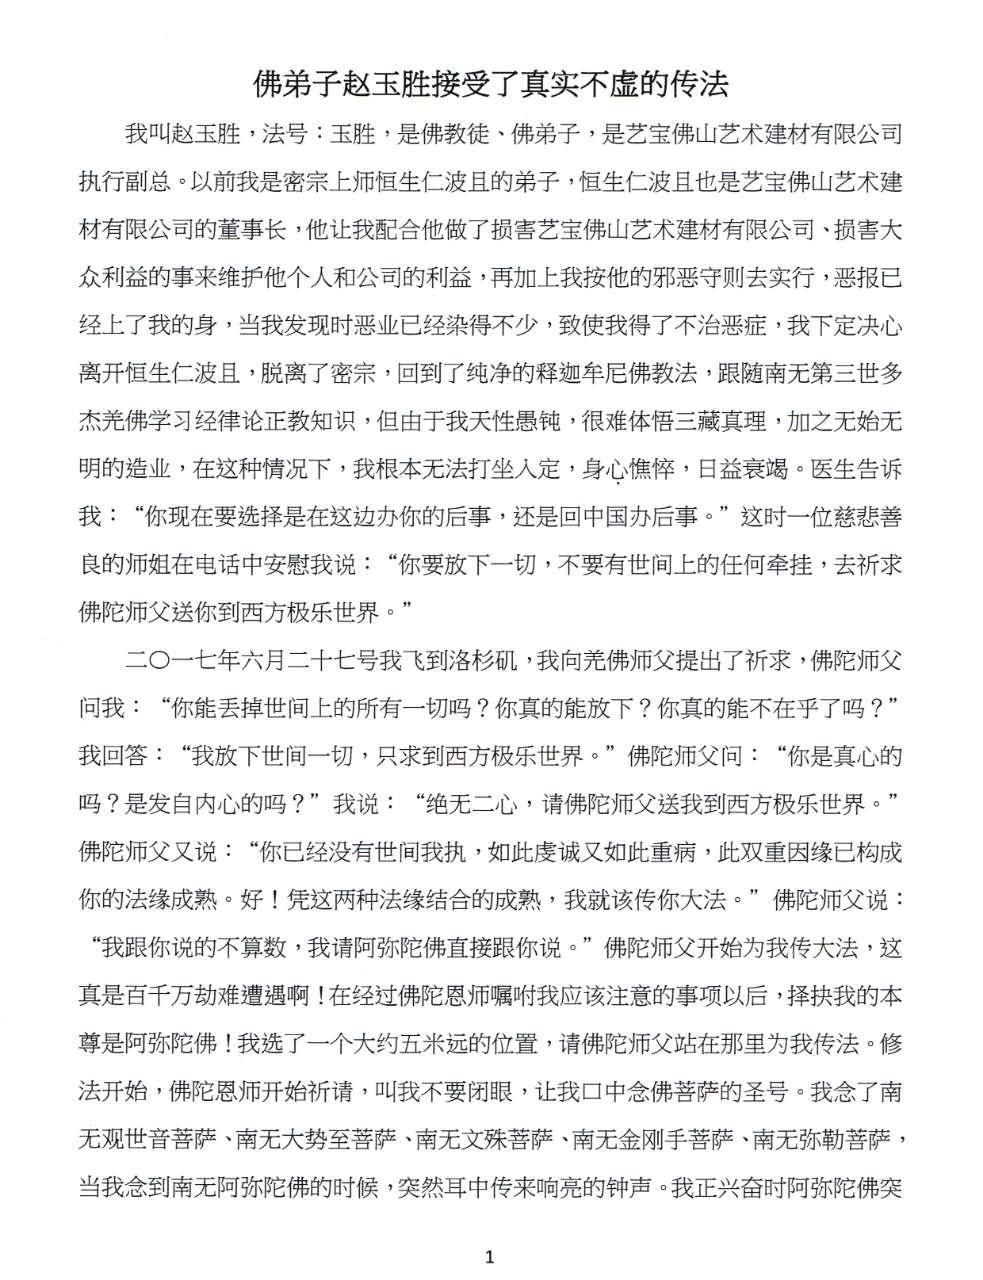 佛弟子赵玉胜接受了南无第三世多杰羌佛的传法 亲见阿弥陀佛保证往生西方极乐世界 第2张